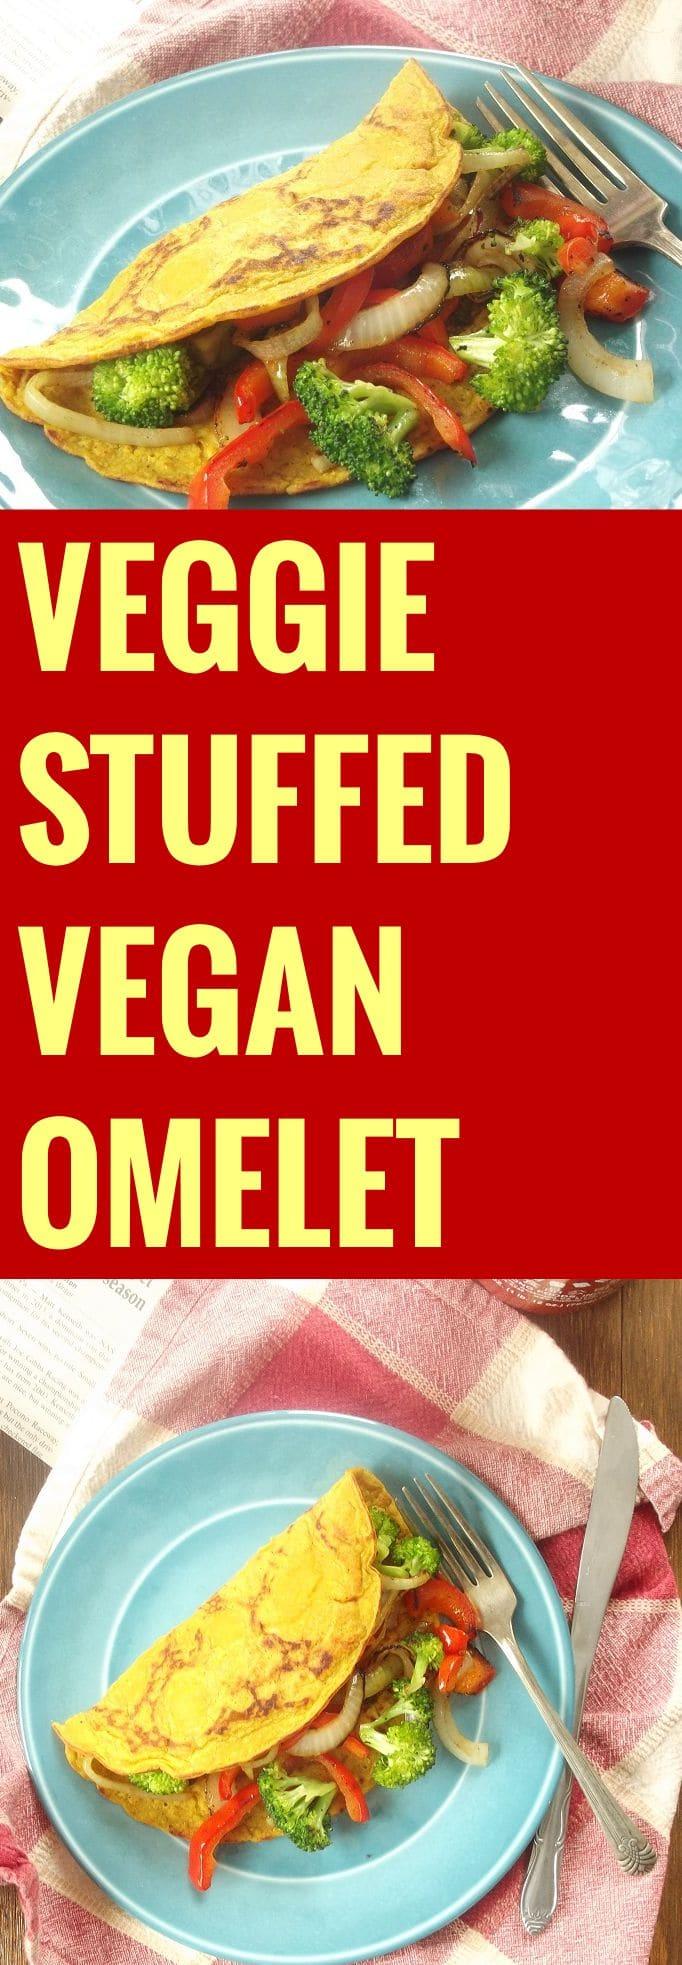 Veggie Stuffed Vegan Omelet